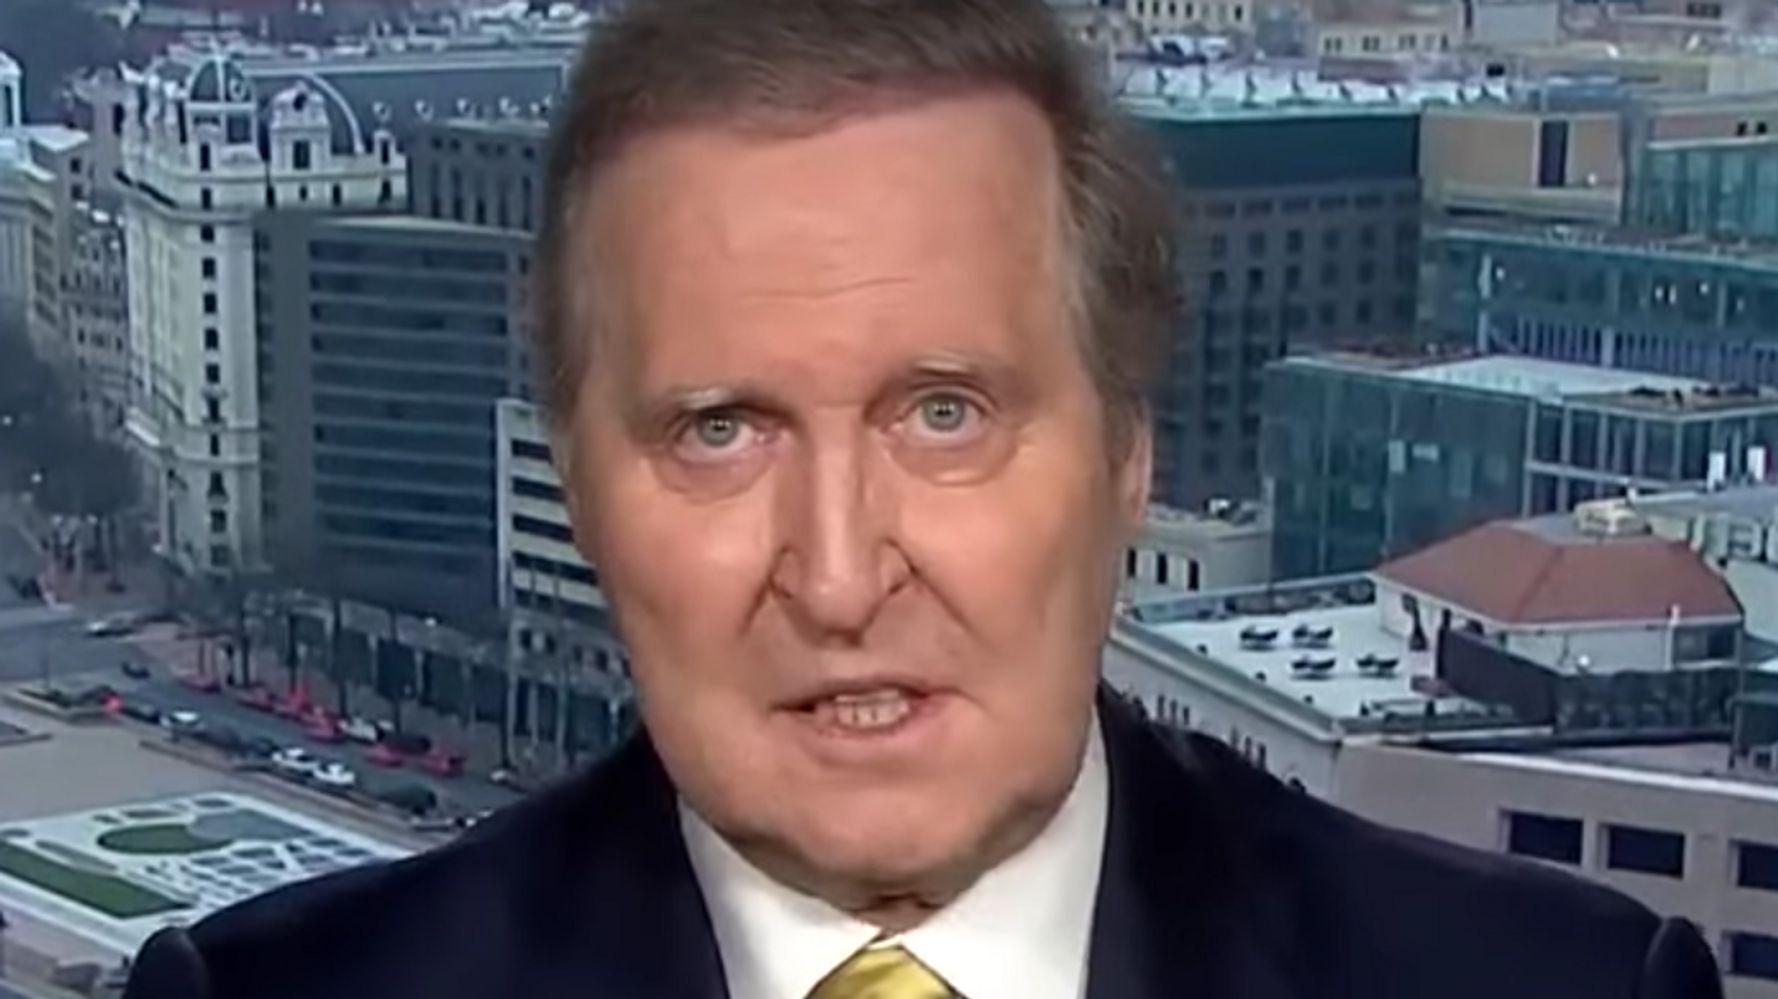 Ex-Defense Secretary Delivers Scathing Rebuke Of Senate: Vegetating, Not Legislating